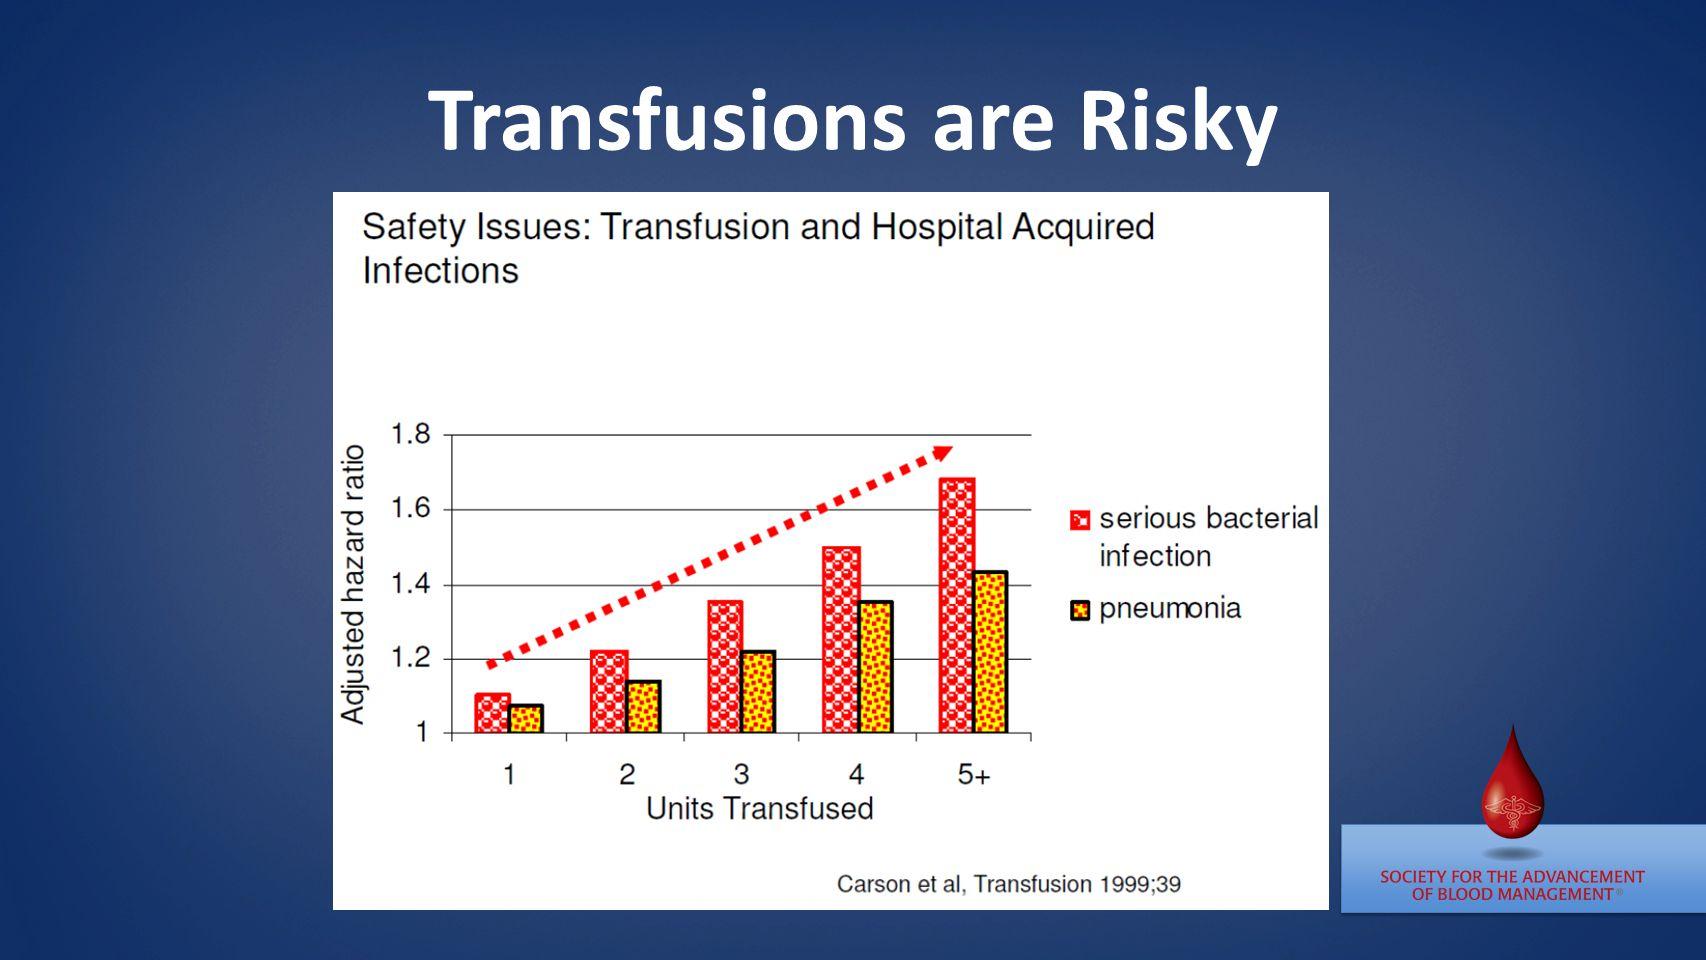 Transfusions are Risky